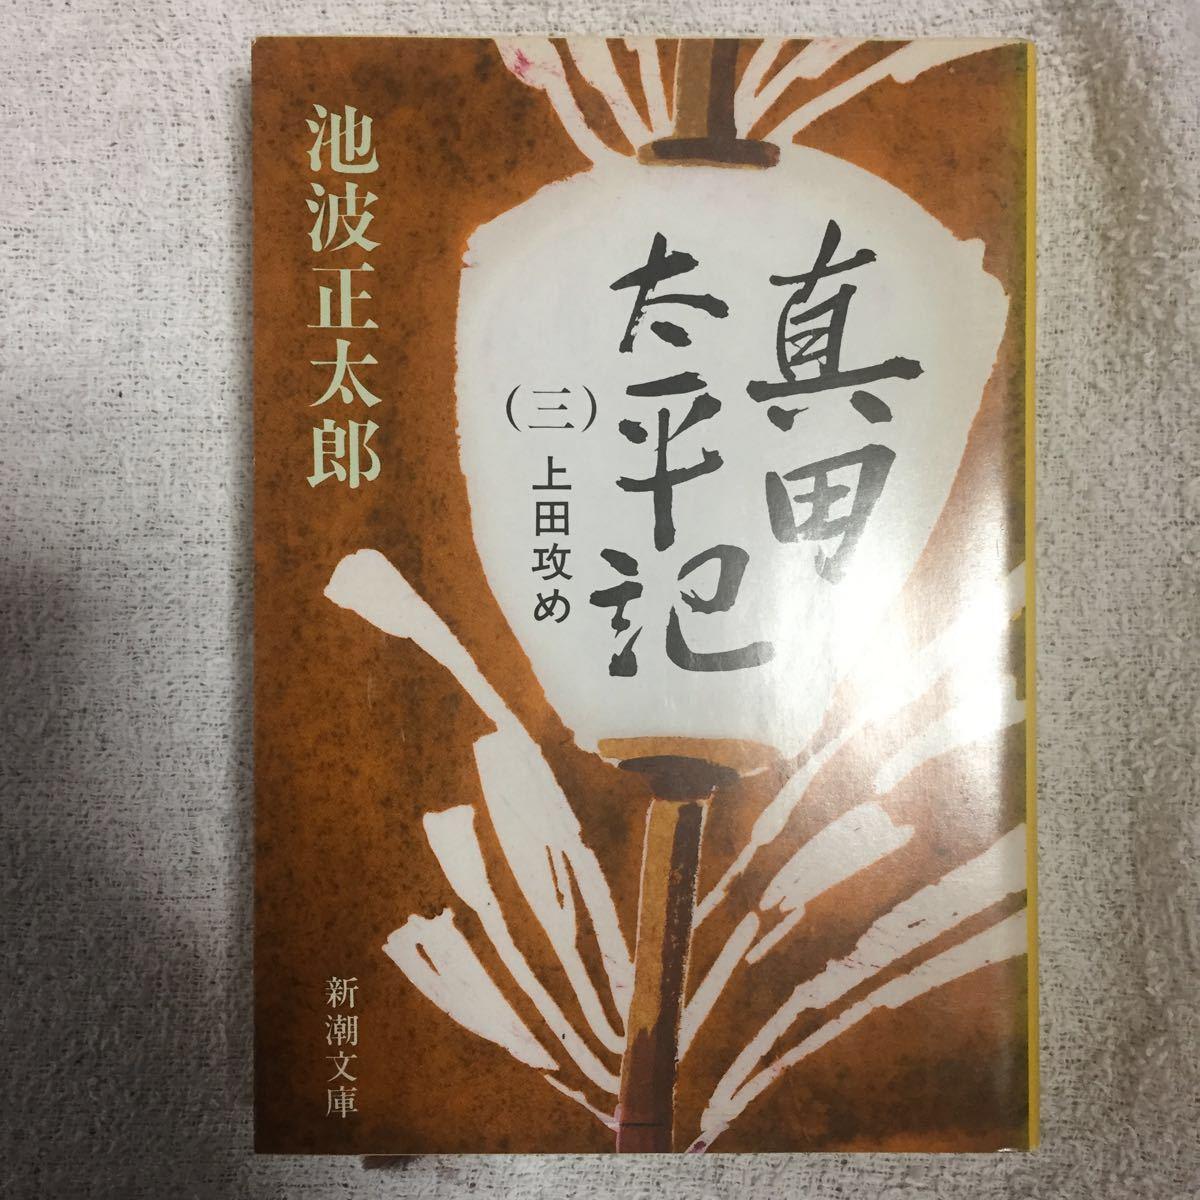 真田太平記(三)上田攻め (新潮文庫) 池波 正太郎 9784101156361_画像1